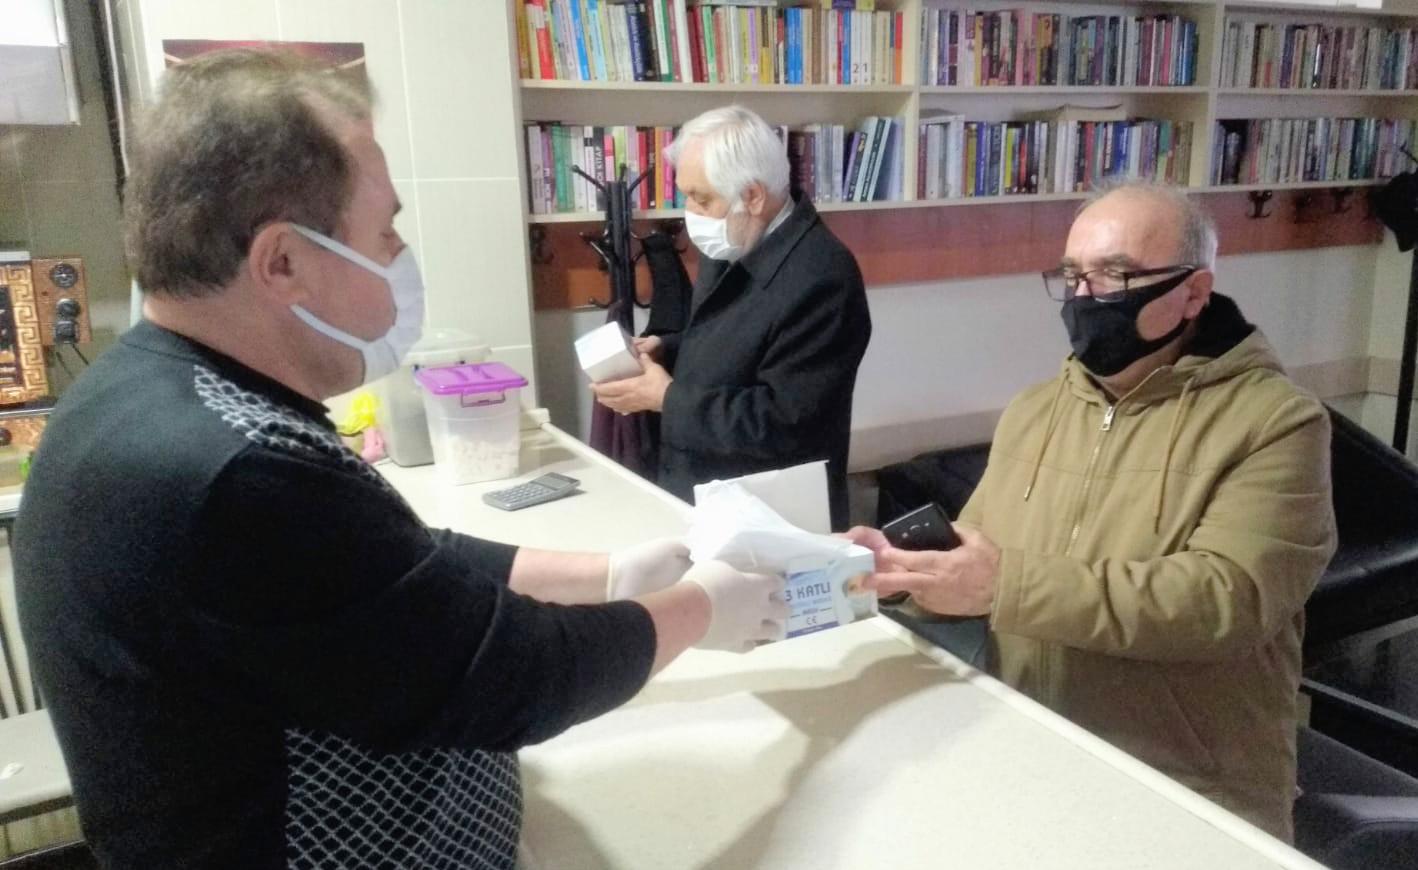 Posoflular ücretsiz maske dağıtarak  bir ilke daha imza attı